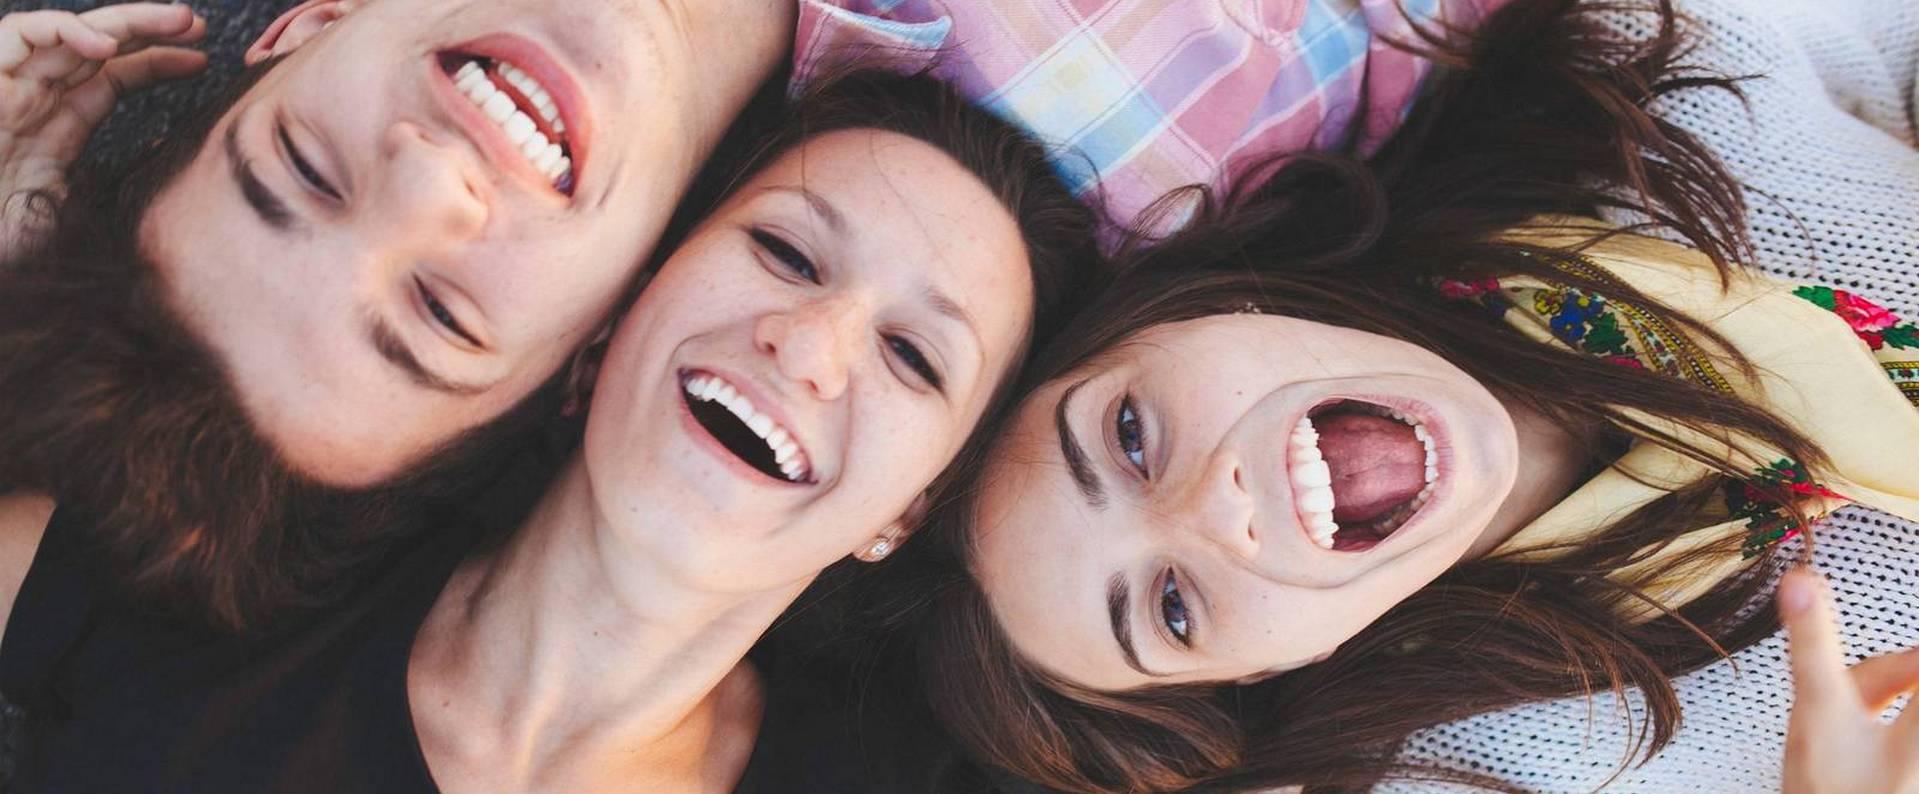 Nahaufnahme dreier bester Freunde, die auf dem Boden liegen und lachen. Jugendliche in Alltagskleidung lachen in die Kamera, von oben aufgenommen